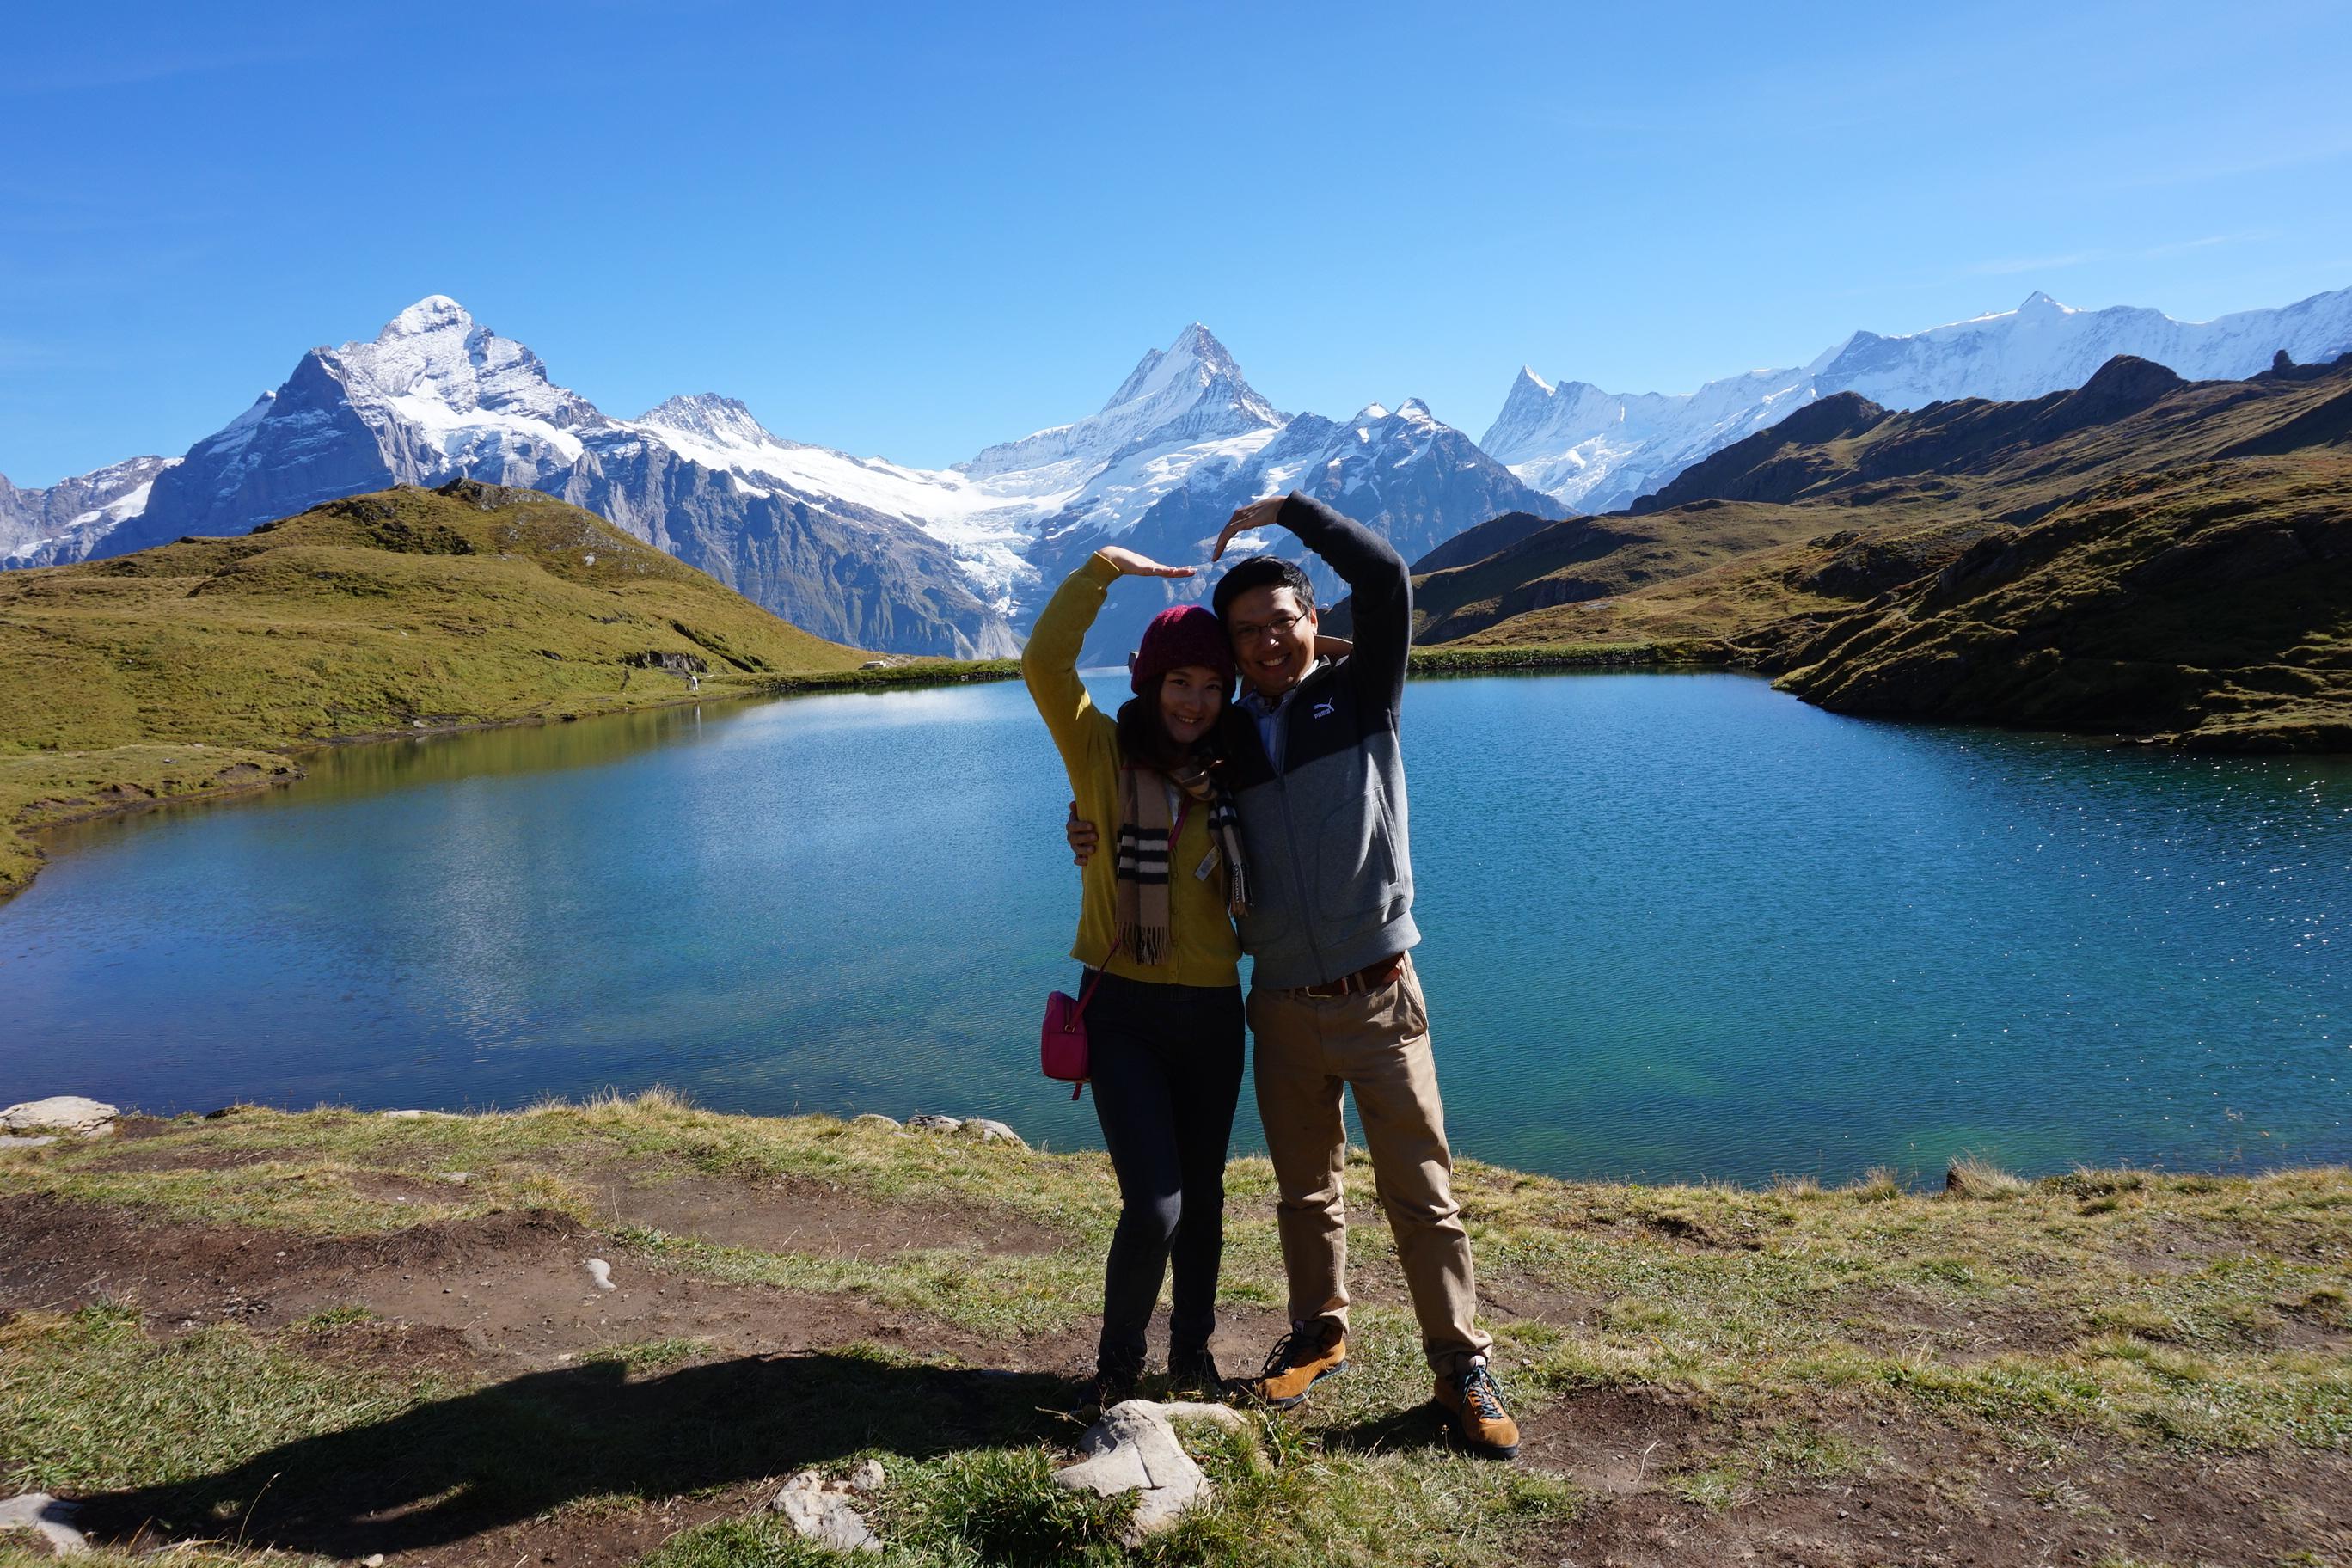 23天旅行结婚,瑞士,意大利,希腊一魔法门10猎鹰攻略与独角兽图片